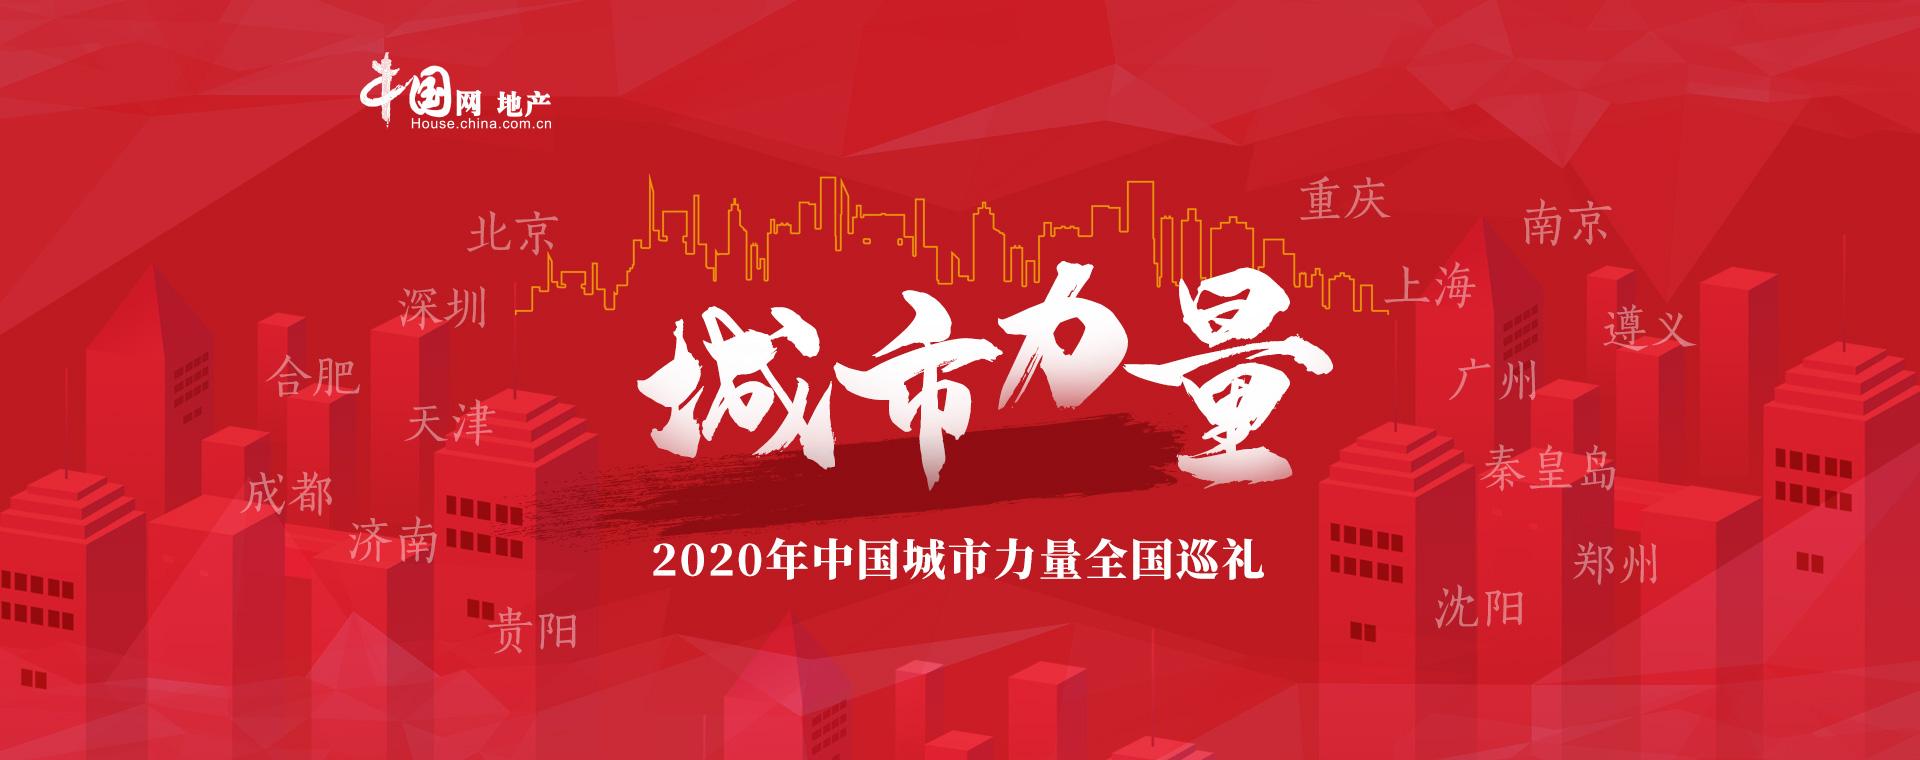 致敬城市蜕变 探寻力量动能 ——2020年中国城市力量全国巡礼启幕-中国网地产